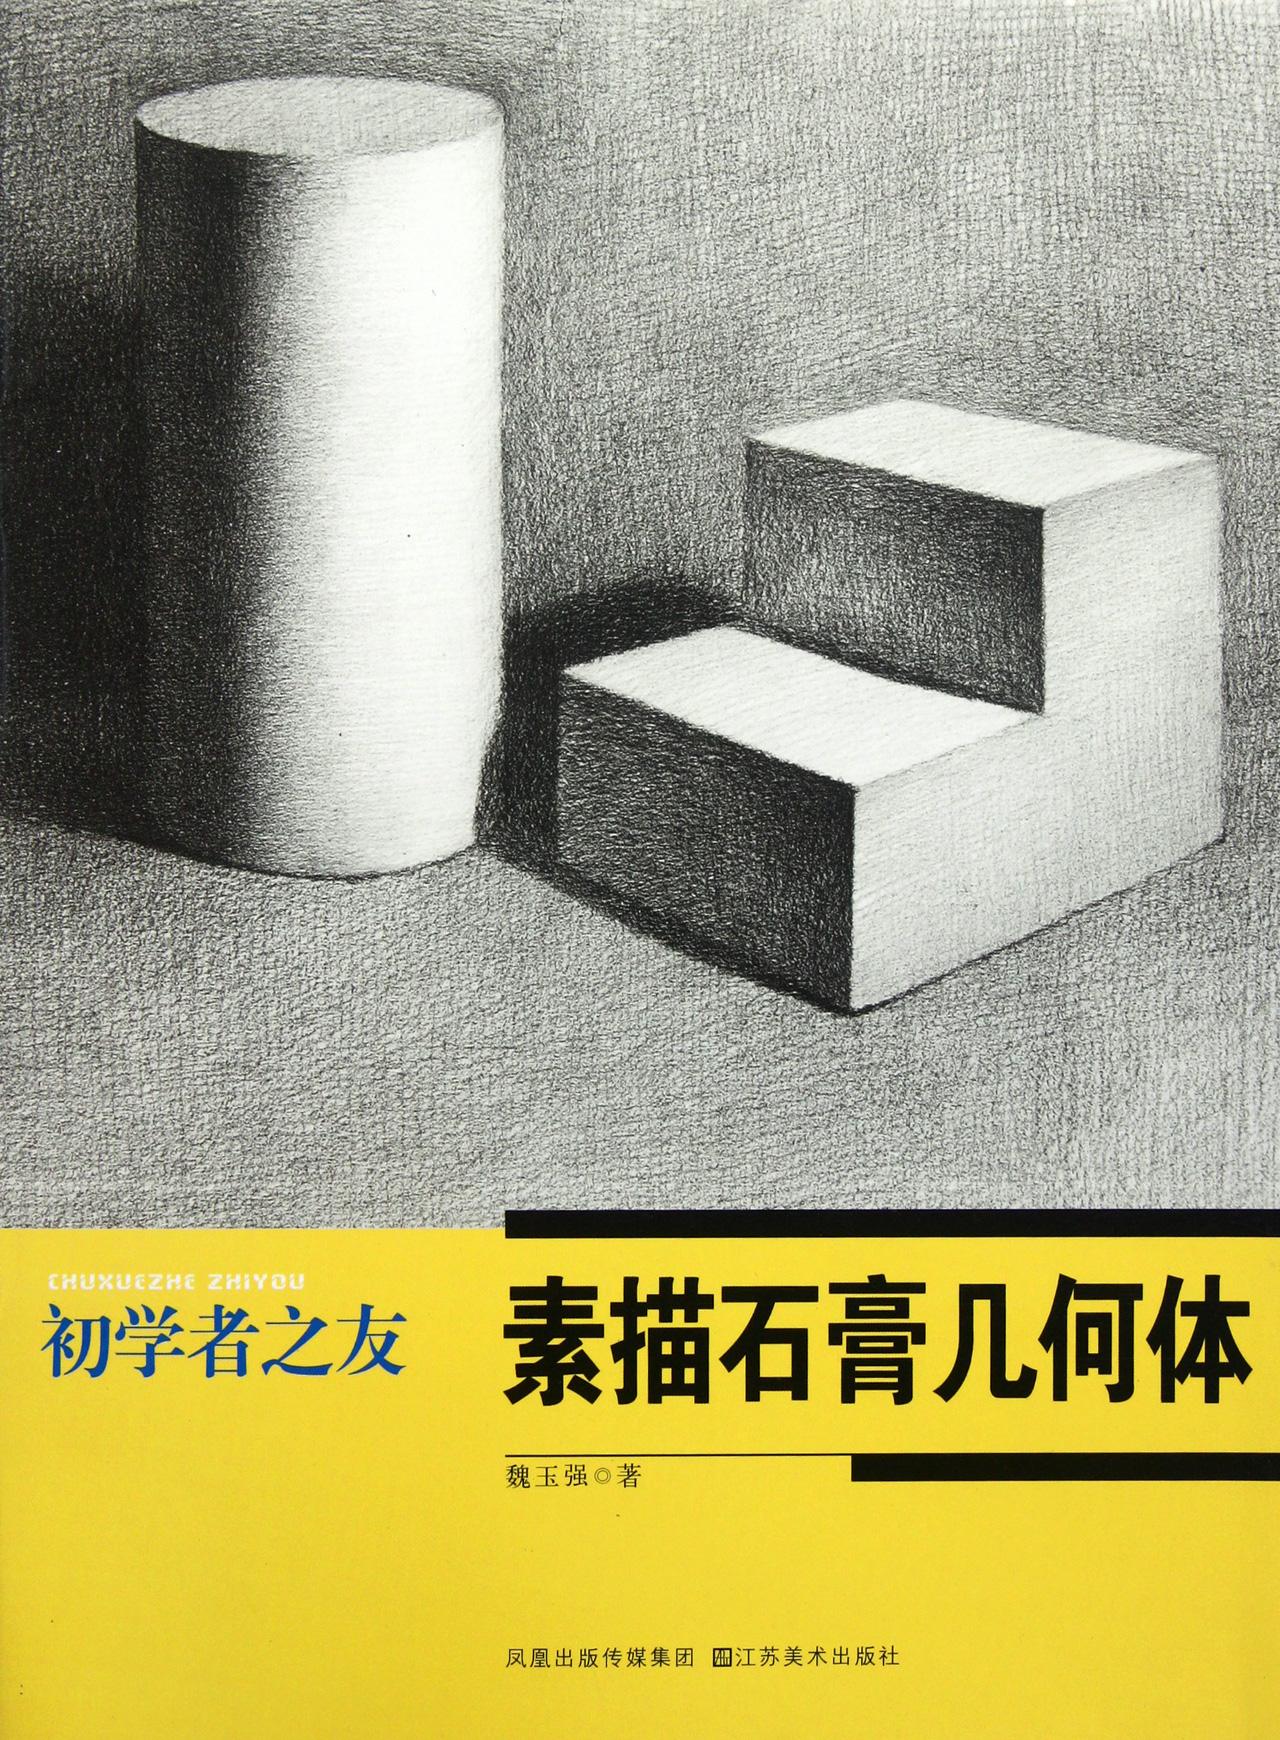 《素描石膏几何体》由魏玉强所*,这是一本素描画法的入门书。素描是一切造型艺术的基础,而石膏几何体写生又是素描入门的**步。通过对几何体的研究,便于初学者理解物体的形体结构,理解物体块面的明暗变化原理,并熟练地掌握如何在平面上表现出形体的空间感。这一素描造型的基本规律,实际上贯串于世界上一切形体中间。初学者由此入门,才是通往艺术殿堂的真正捷径。